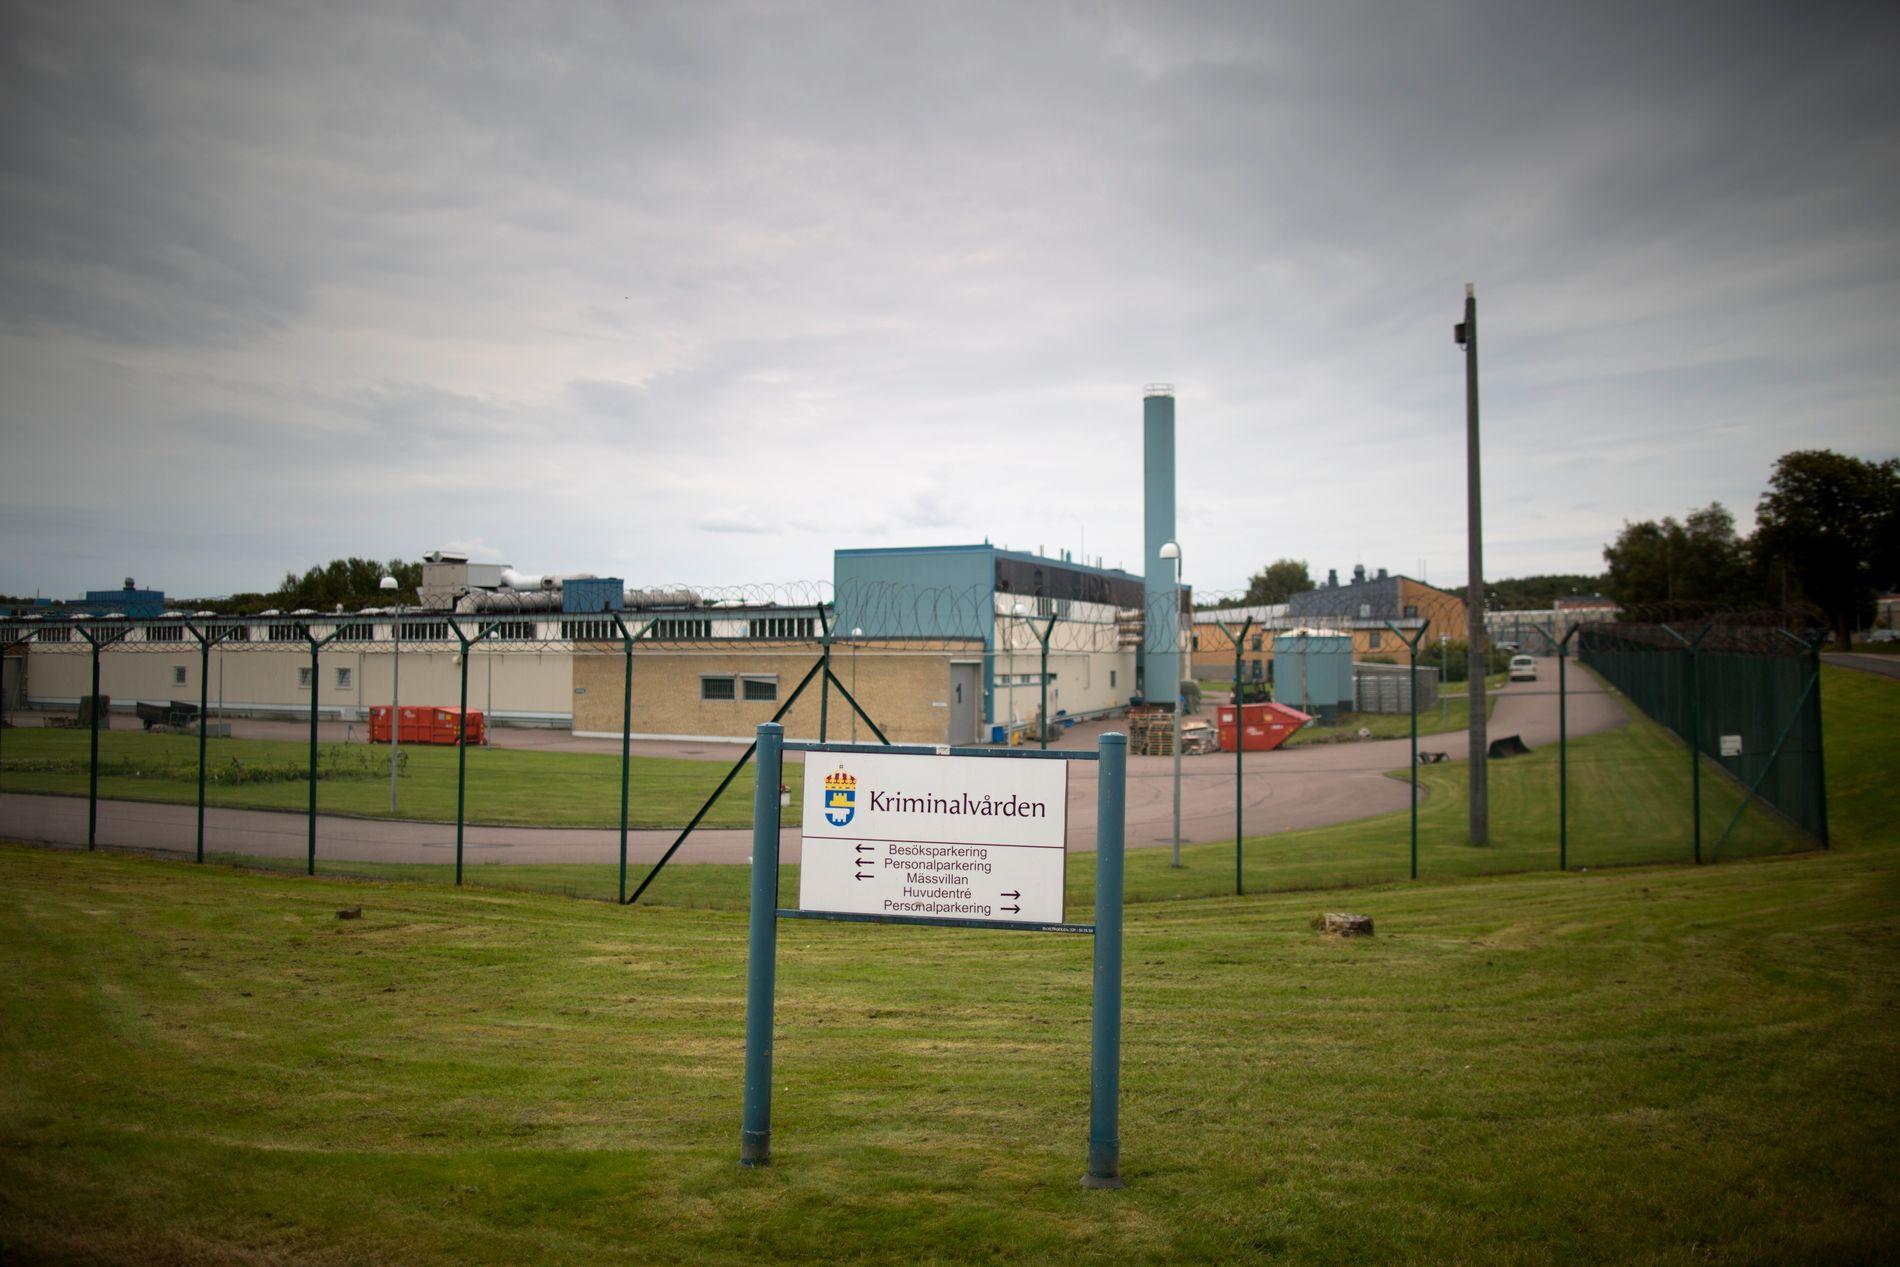 SATT FENGSLET: Makaveli Lindén satt frem til 10. august i år fengslet i Skogome-anstalten, cirka 10 kilometer fra Göteborg.